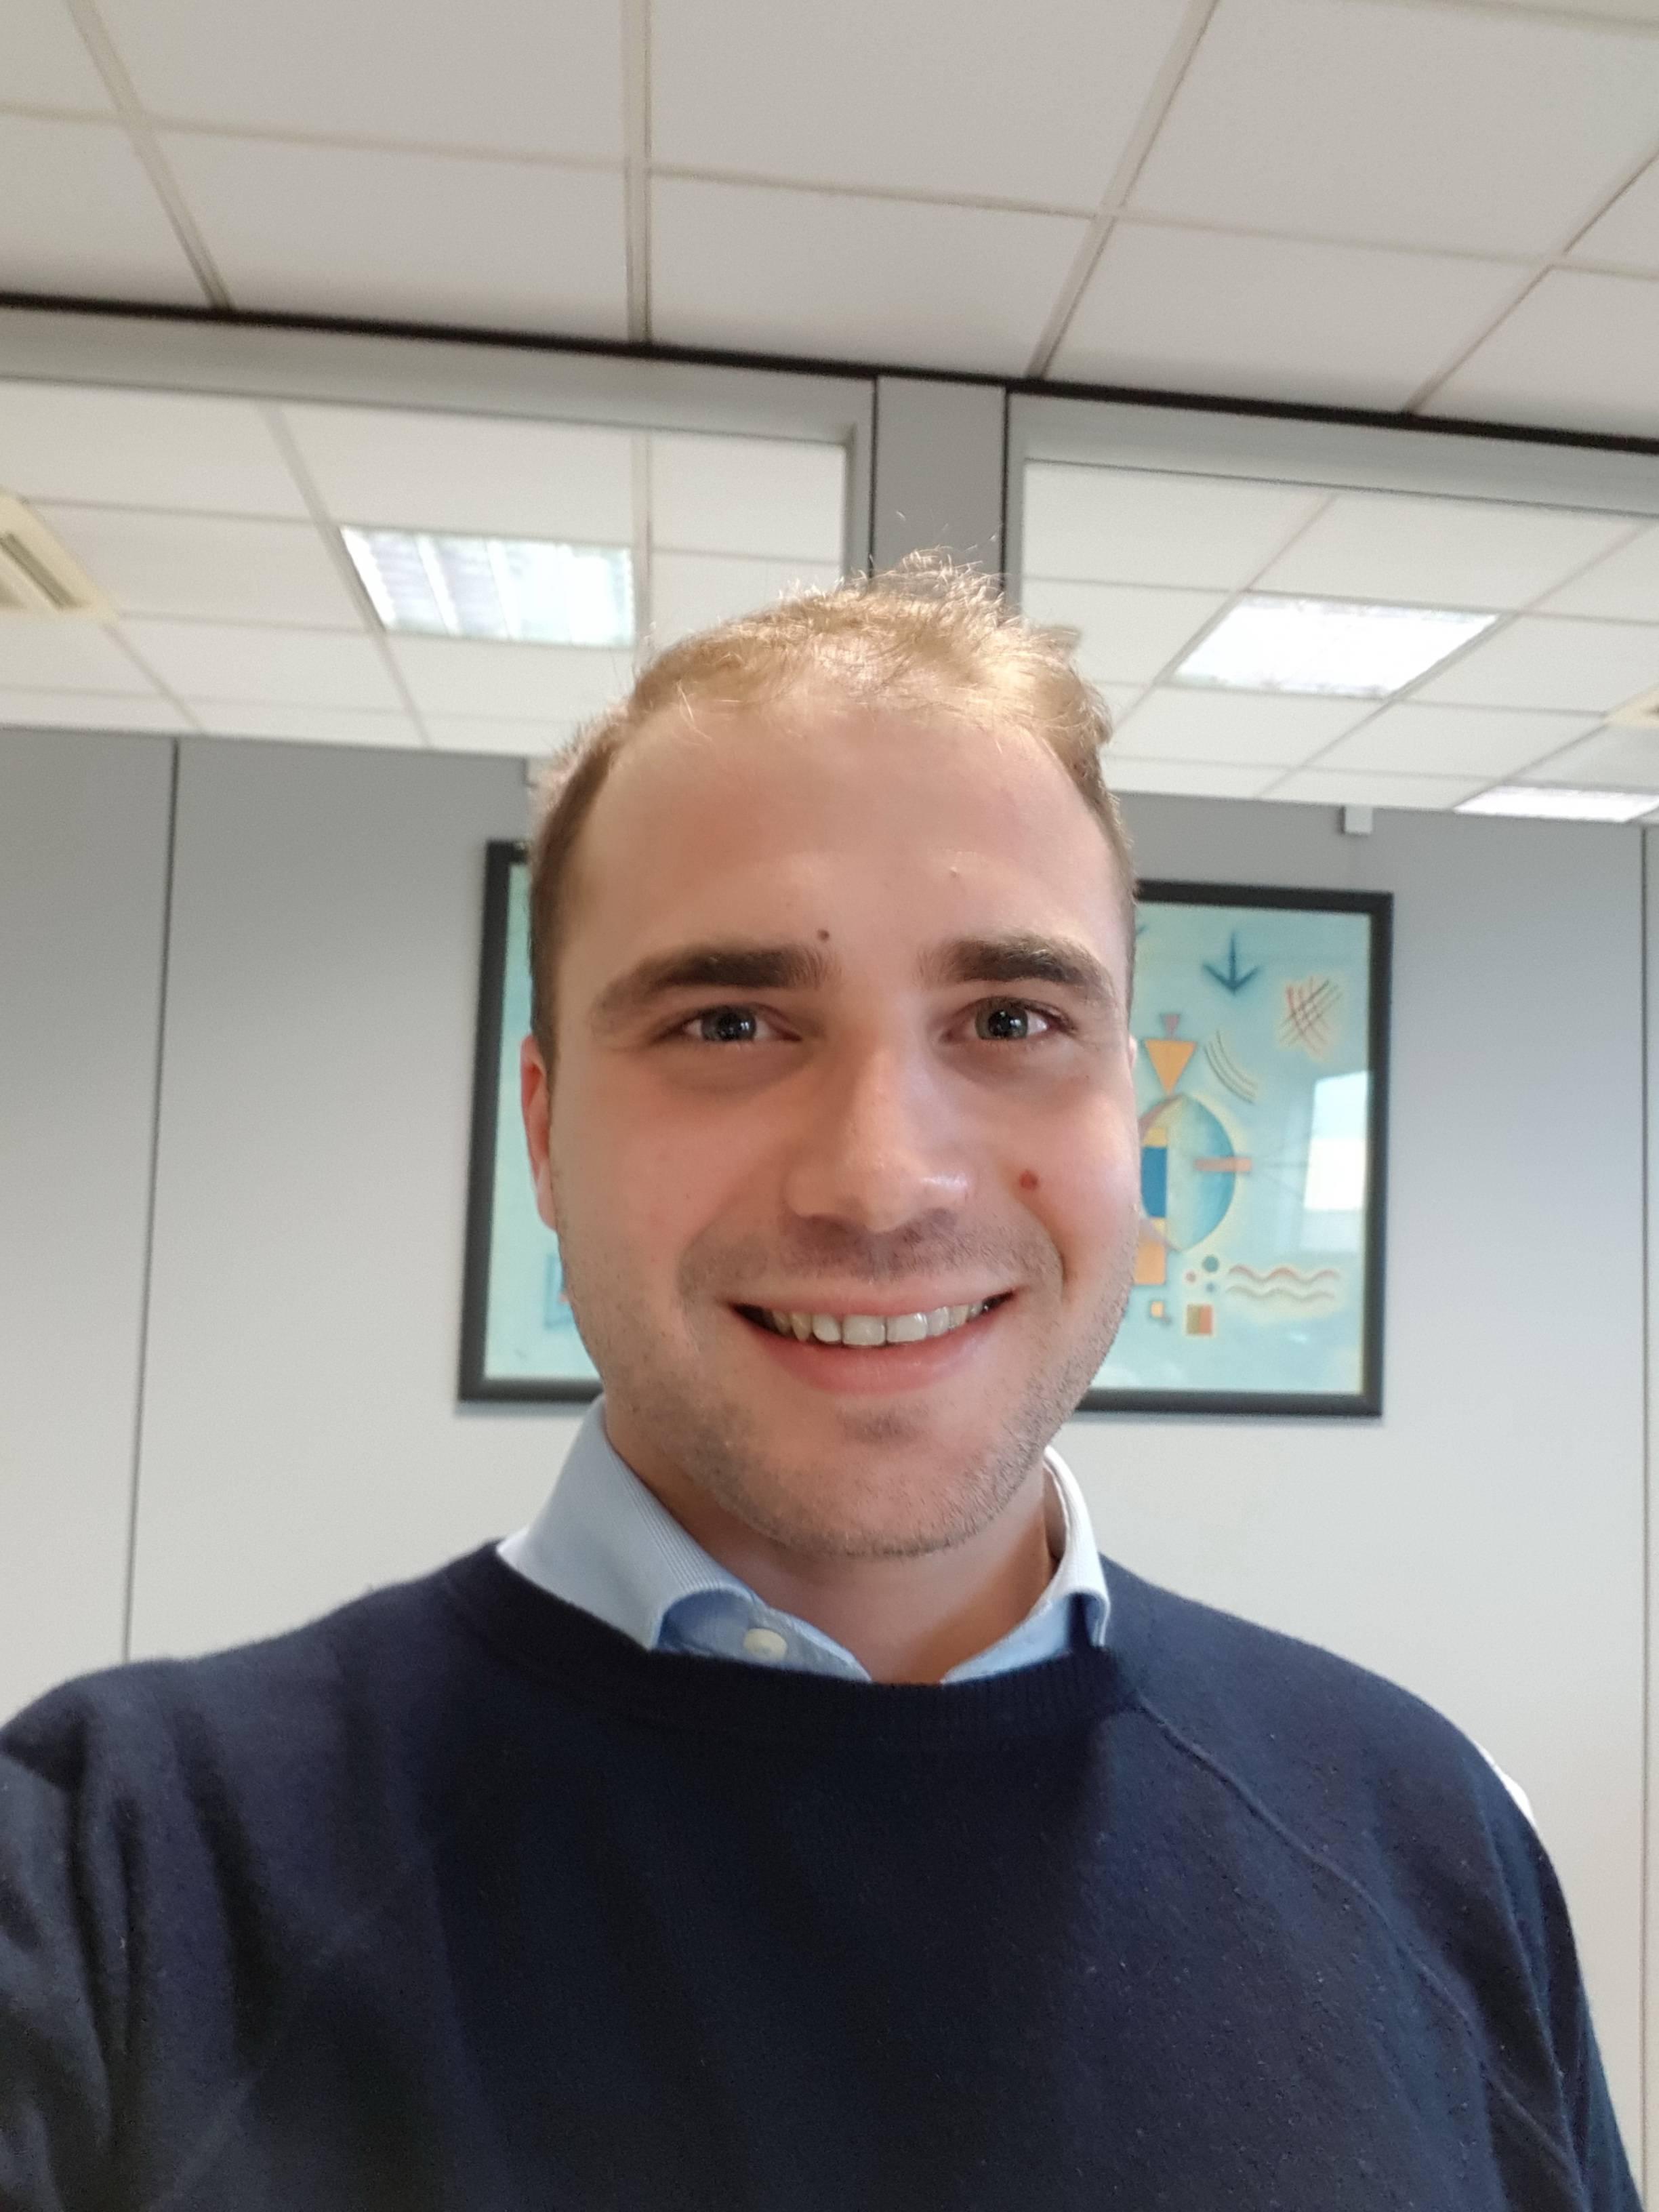 Paolo Vecchione 1° Platz des Angelo Affinita Preises 2017